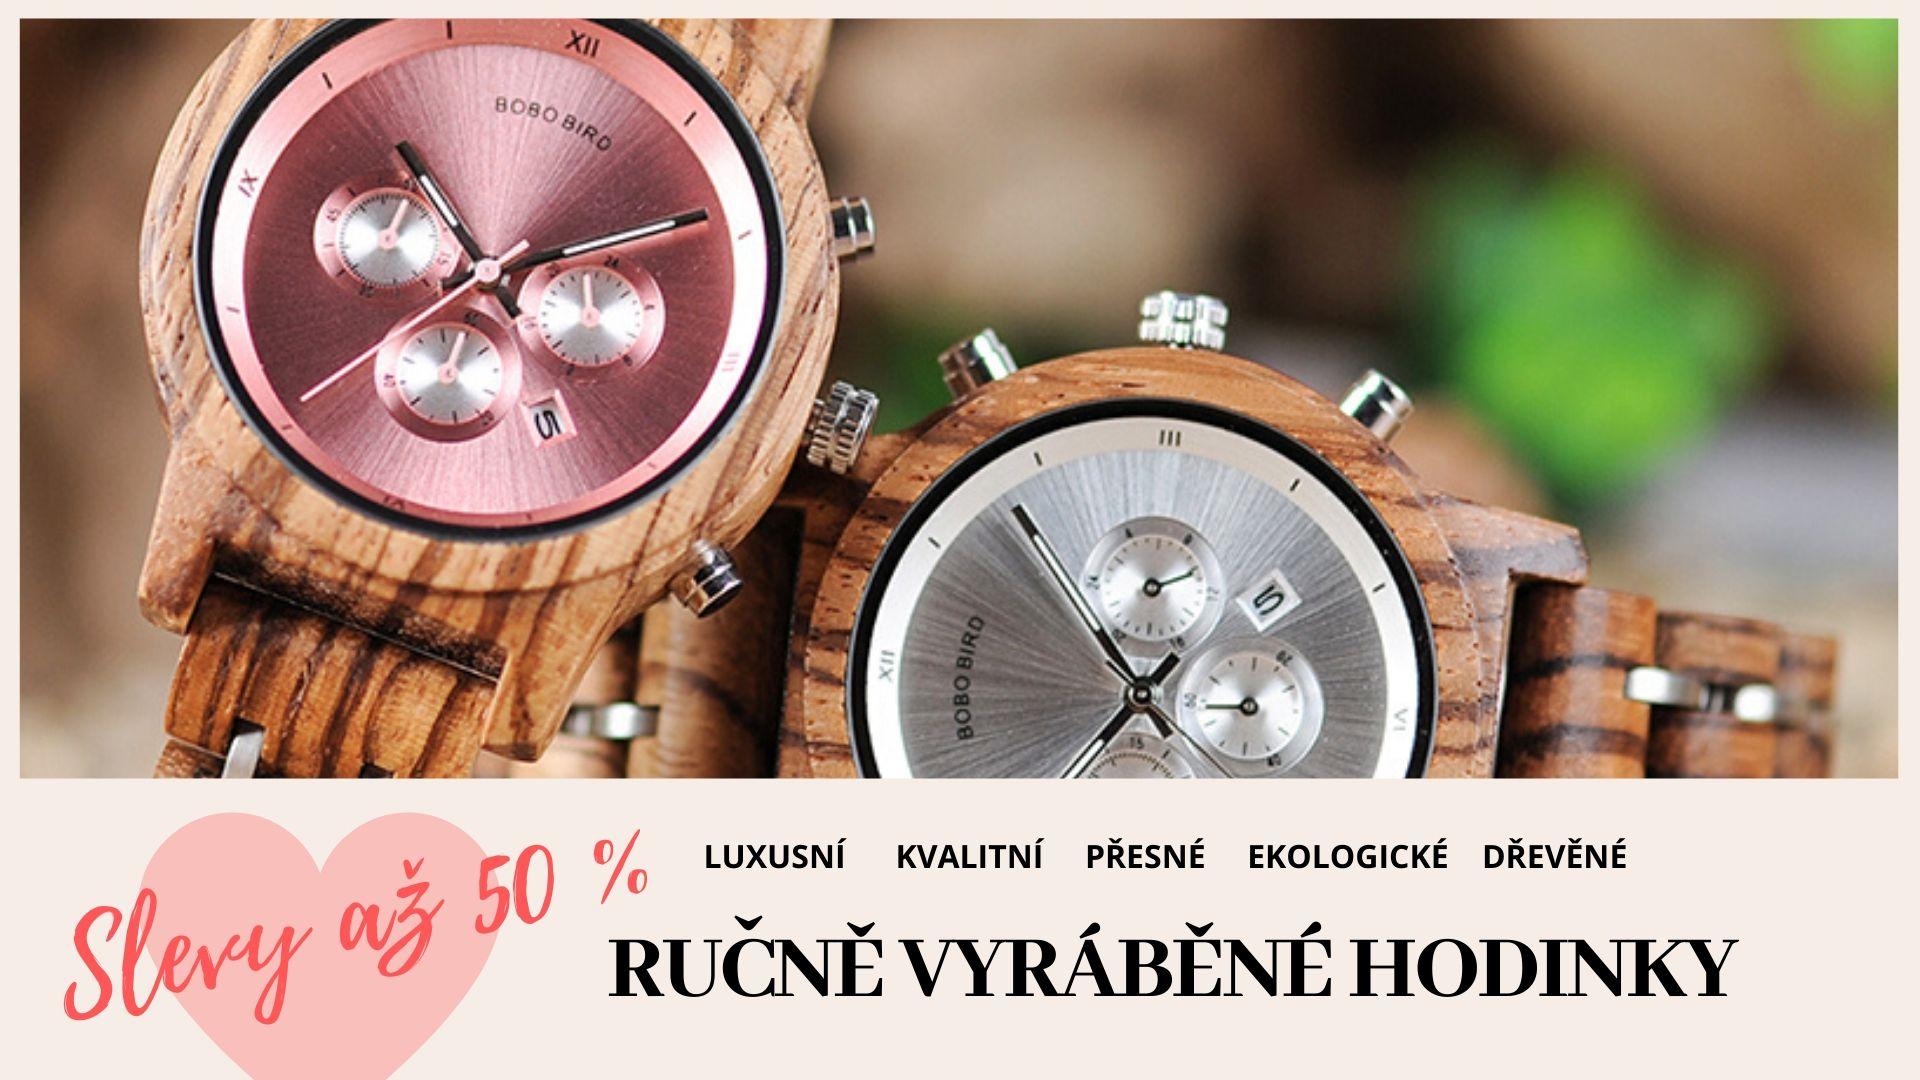 Dřevěné ručně vyráběné hodinky